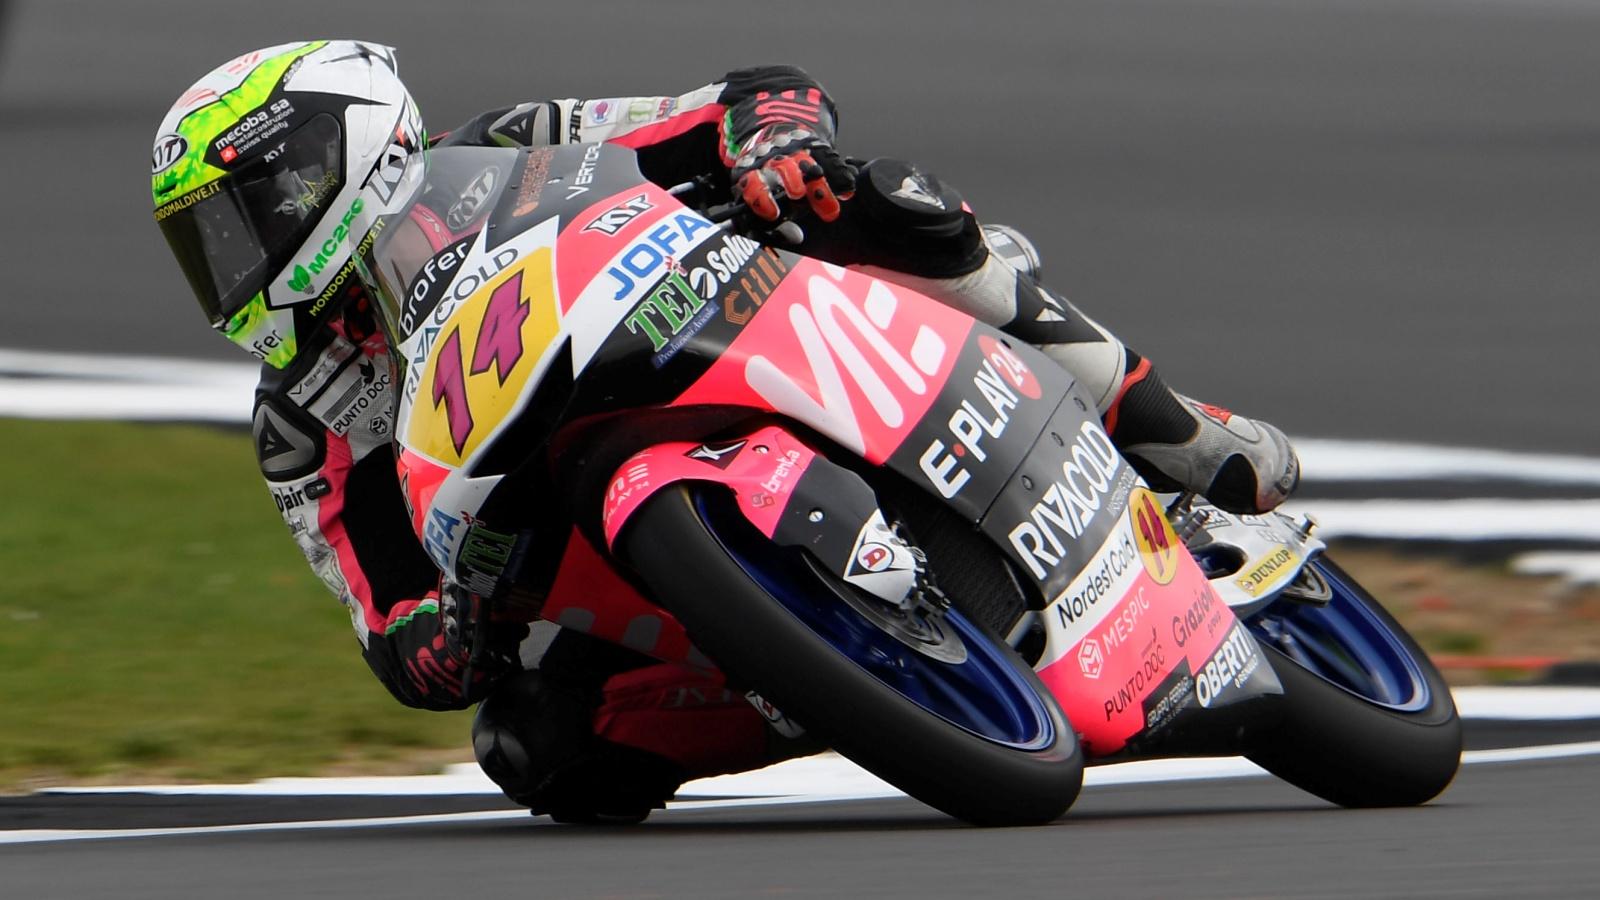 Tony Arbolino se lleva la pole de Moto3 tras pulverizar tres veces el récord de Silverstone